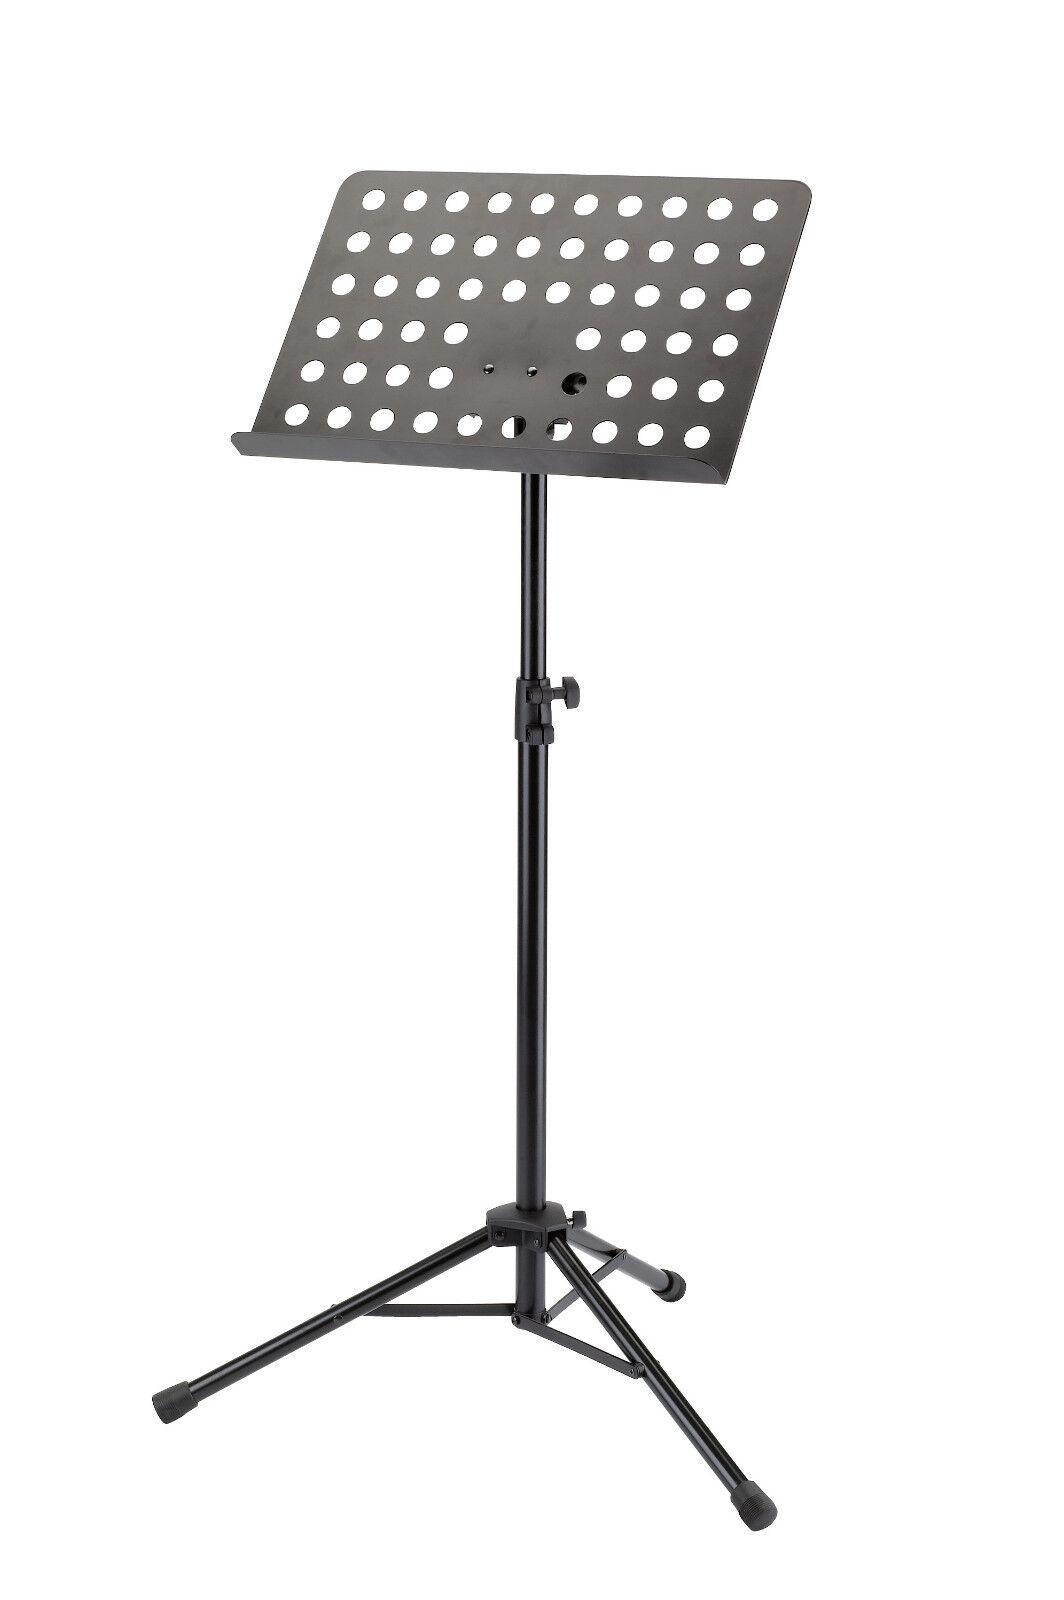 König & Meyer 11940 Orchesternotenpult schwarz, Notenpult, Music Stand